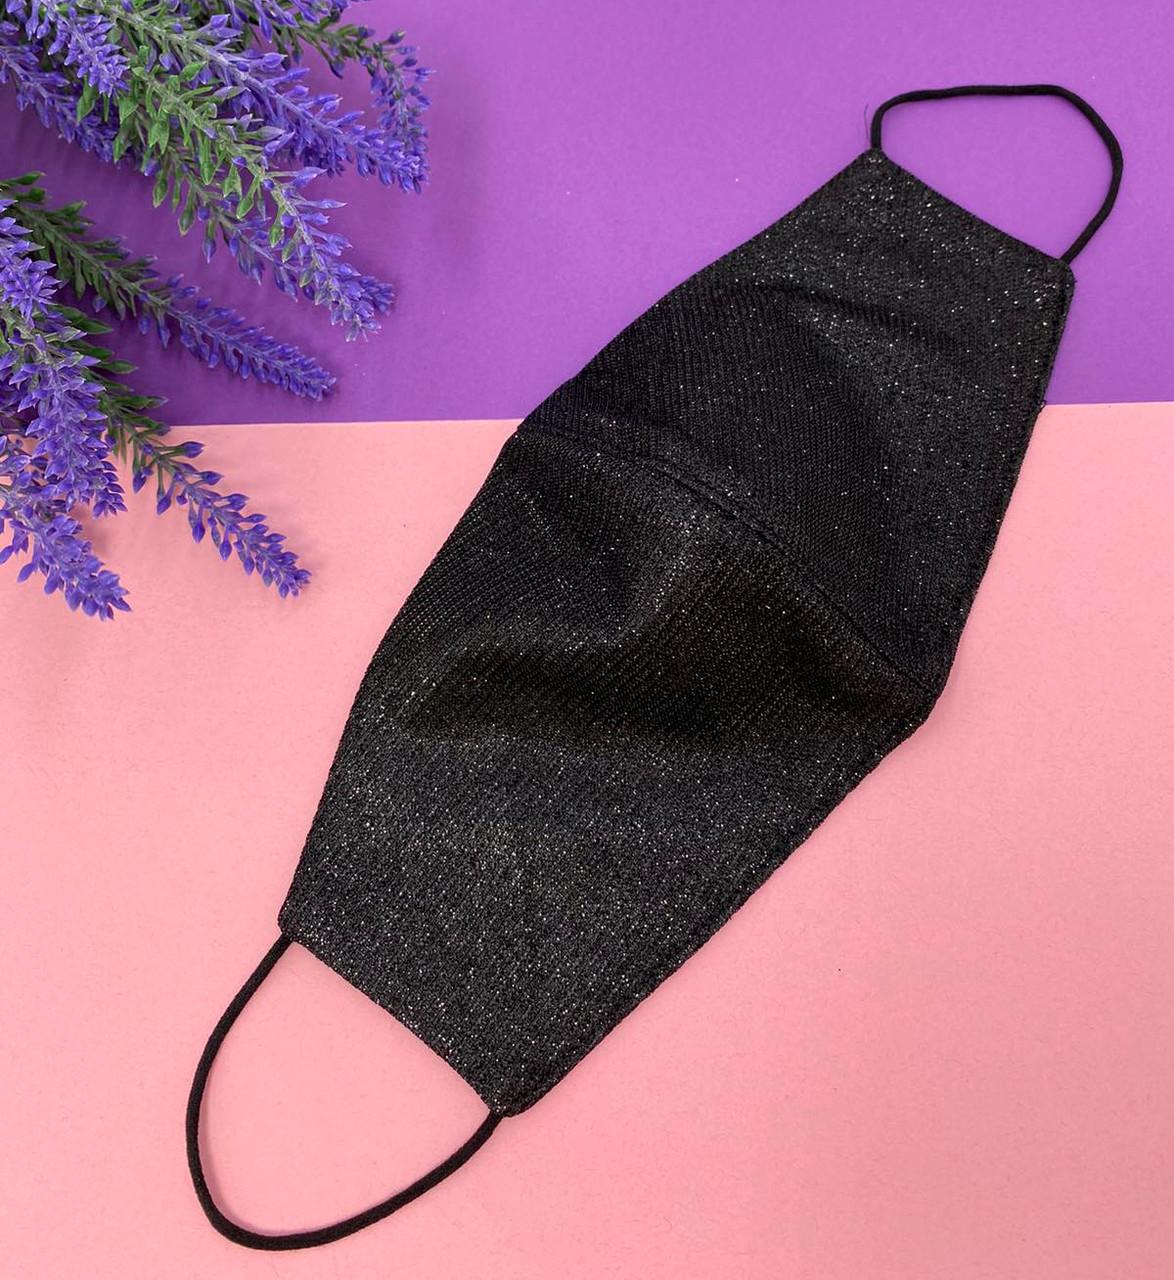 Чорна маска для підлітка з люрексом захисна багаторазова, двошарова маска бавовна для особи блискуча